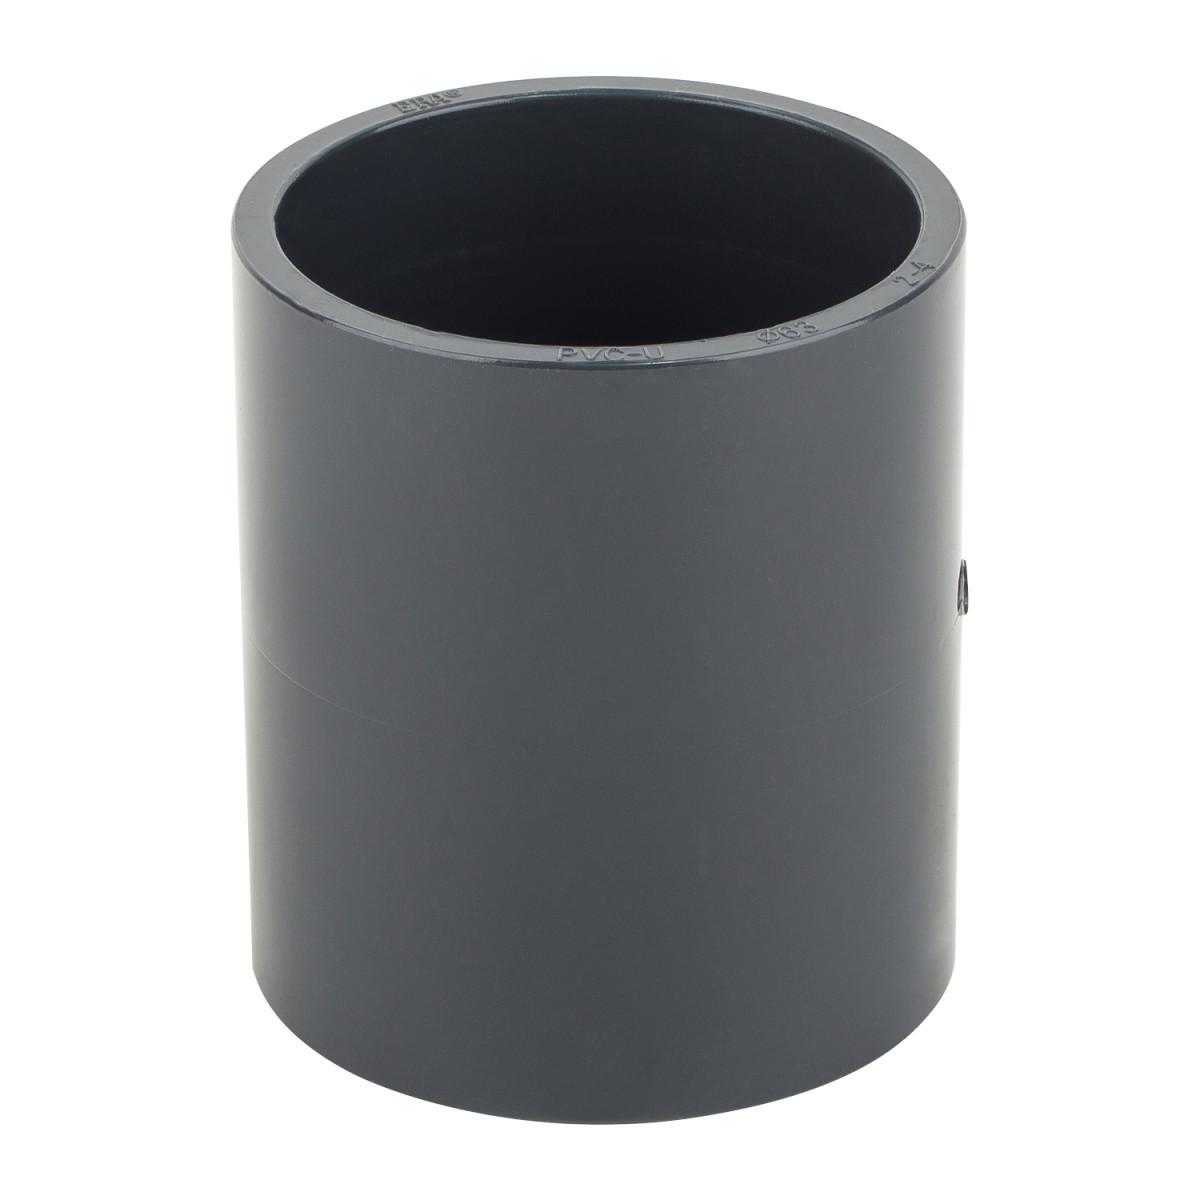 Муфта ПВХ ERA соеденительная, диаметр 32 мм.